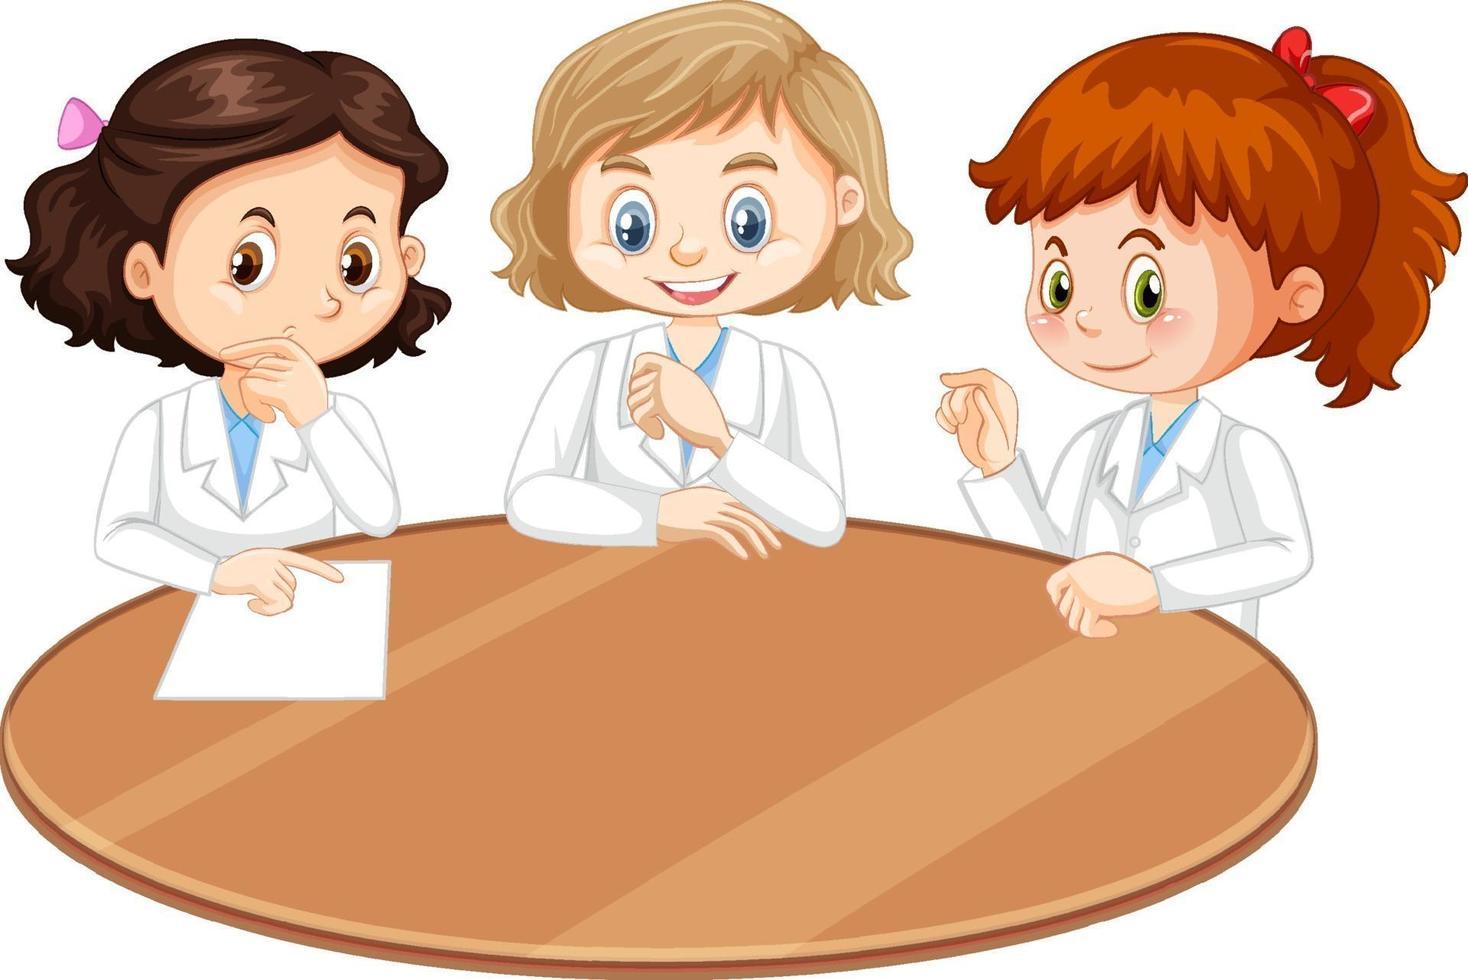 personaggio dei cartoni animati di tre ragazze scienziato con tavolo vuoto vettore